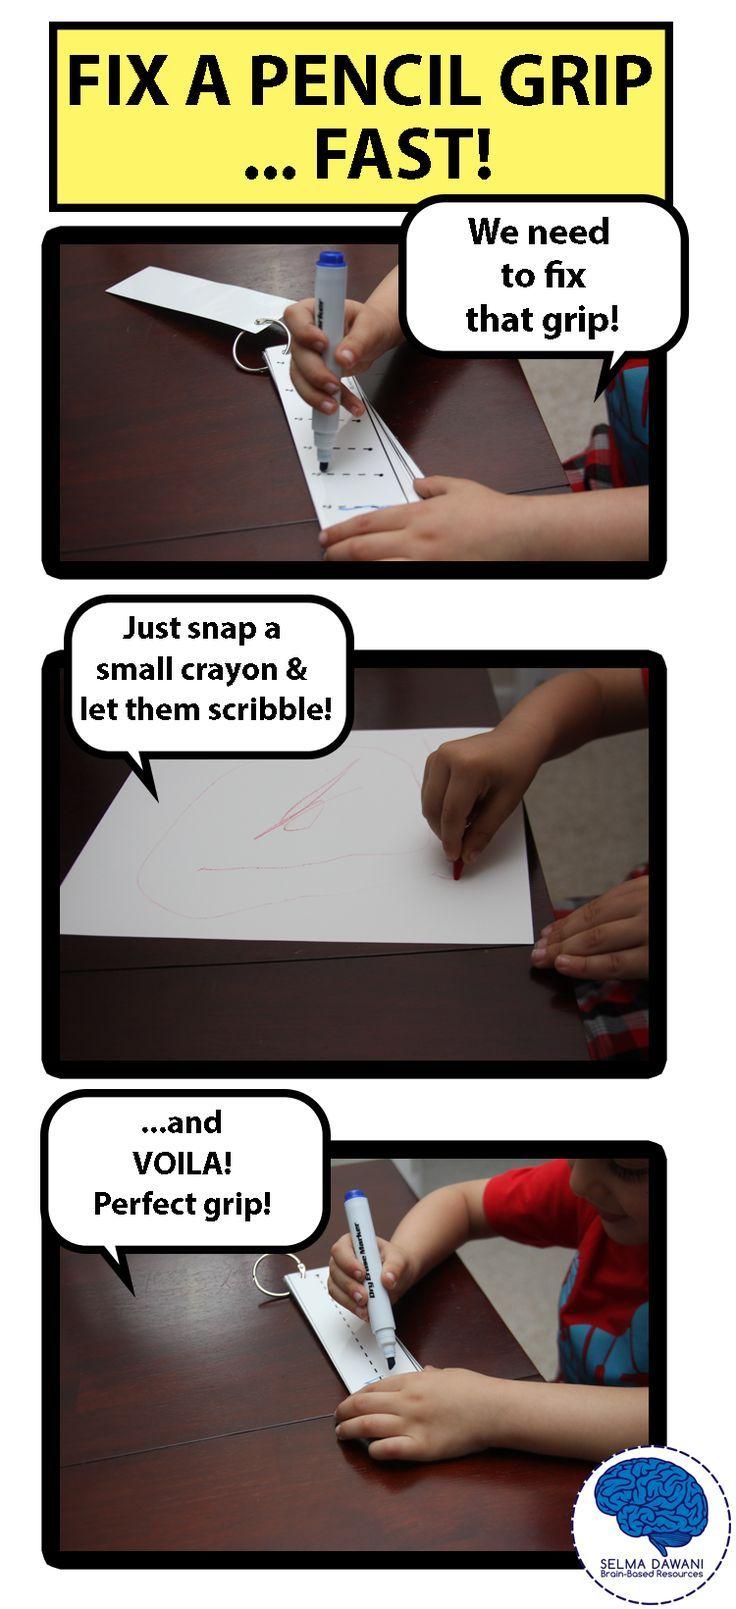 Fix a premature pencil grip - QUICK AND EASY!